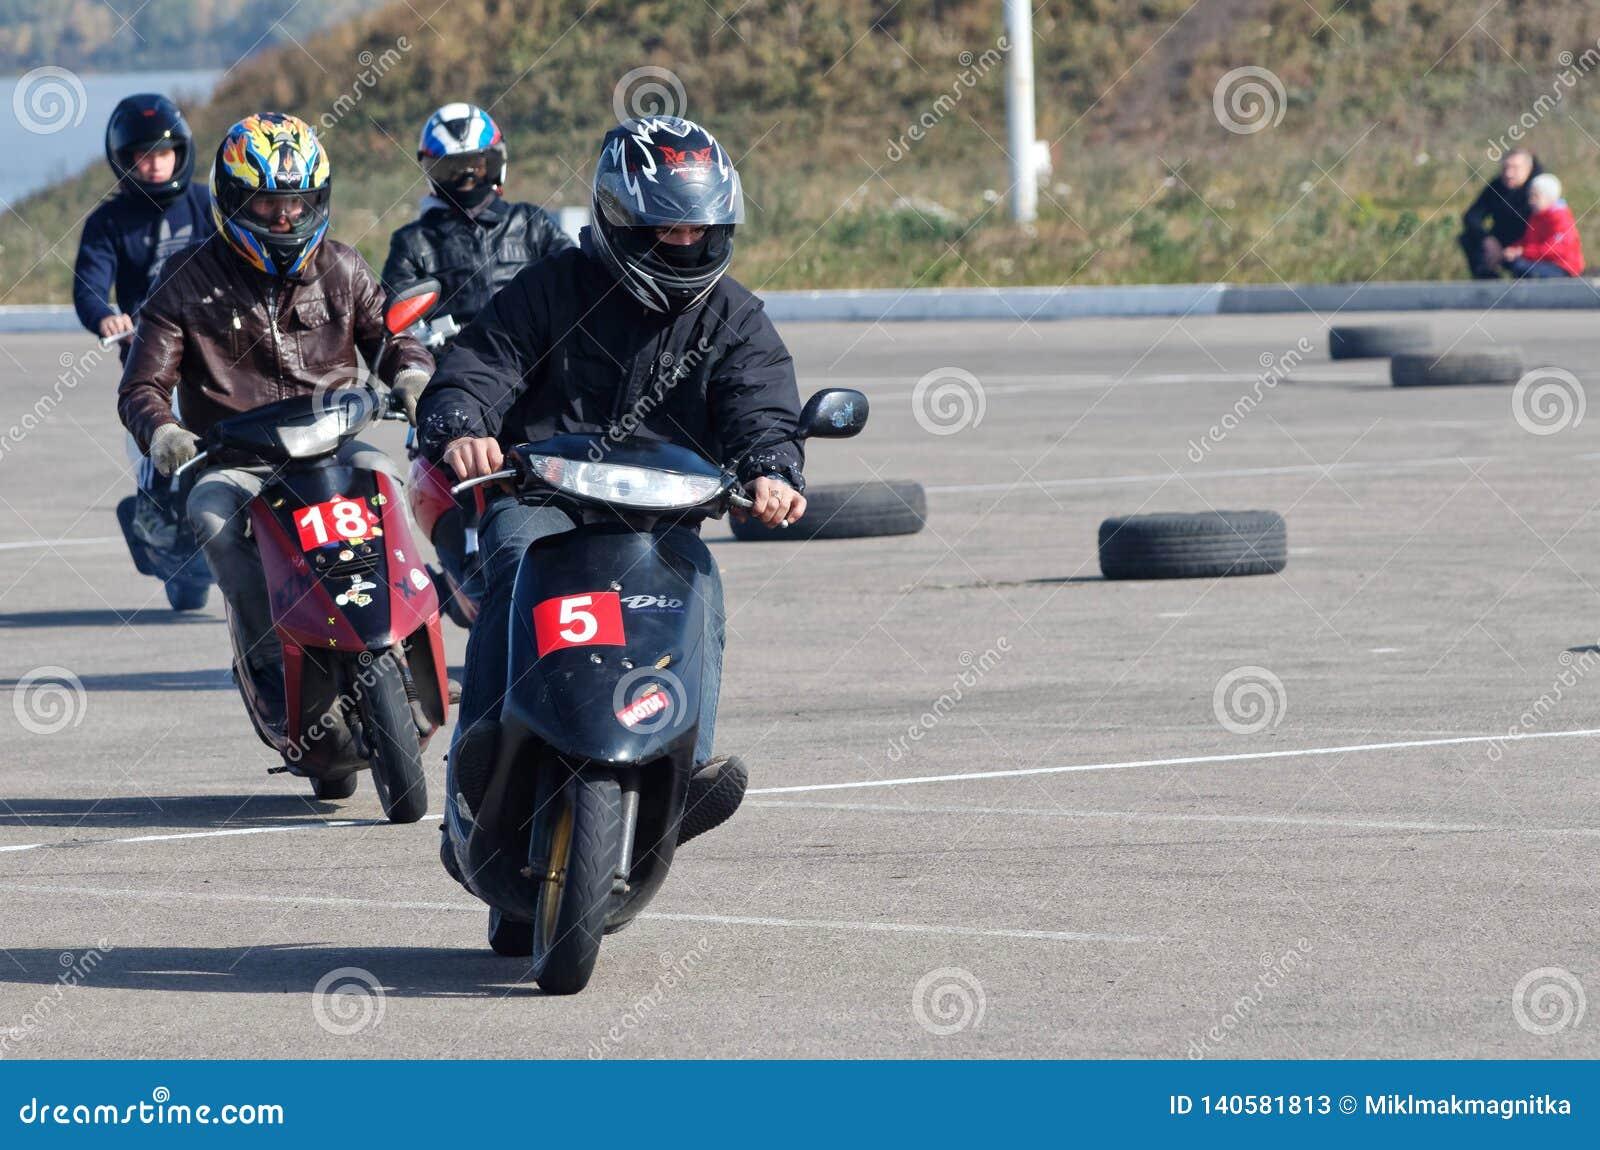 Magnitogorsk, Russland, - September, 28, 2014 Junge Mitglieder des Vereins der Fans von Rollern halten Trainingsrennen auf dem of